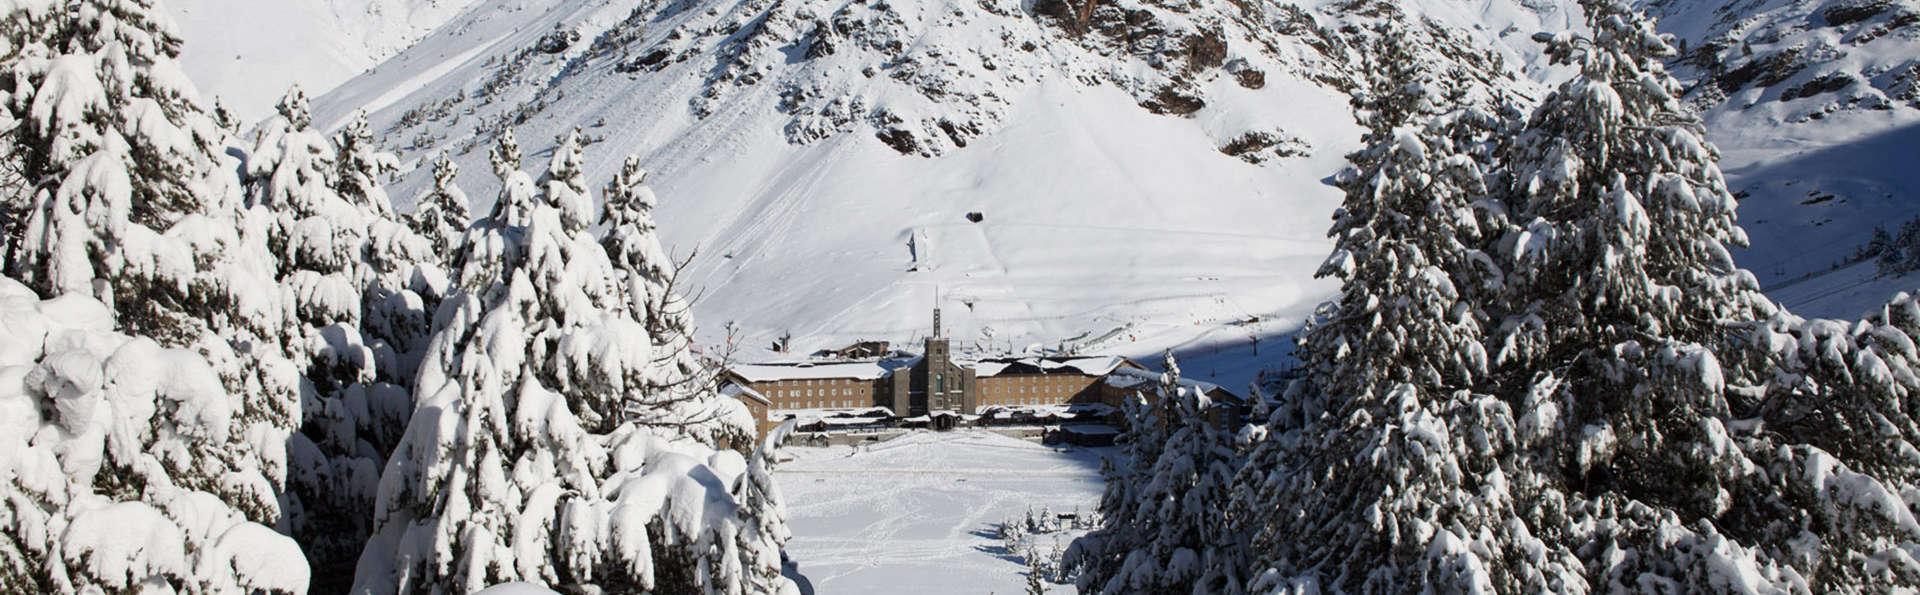 Escapade avec demi-pension, train crémaillère et télécabine à la vallée de Núria